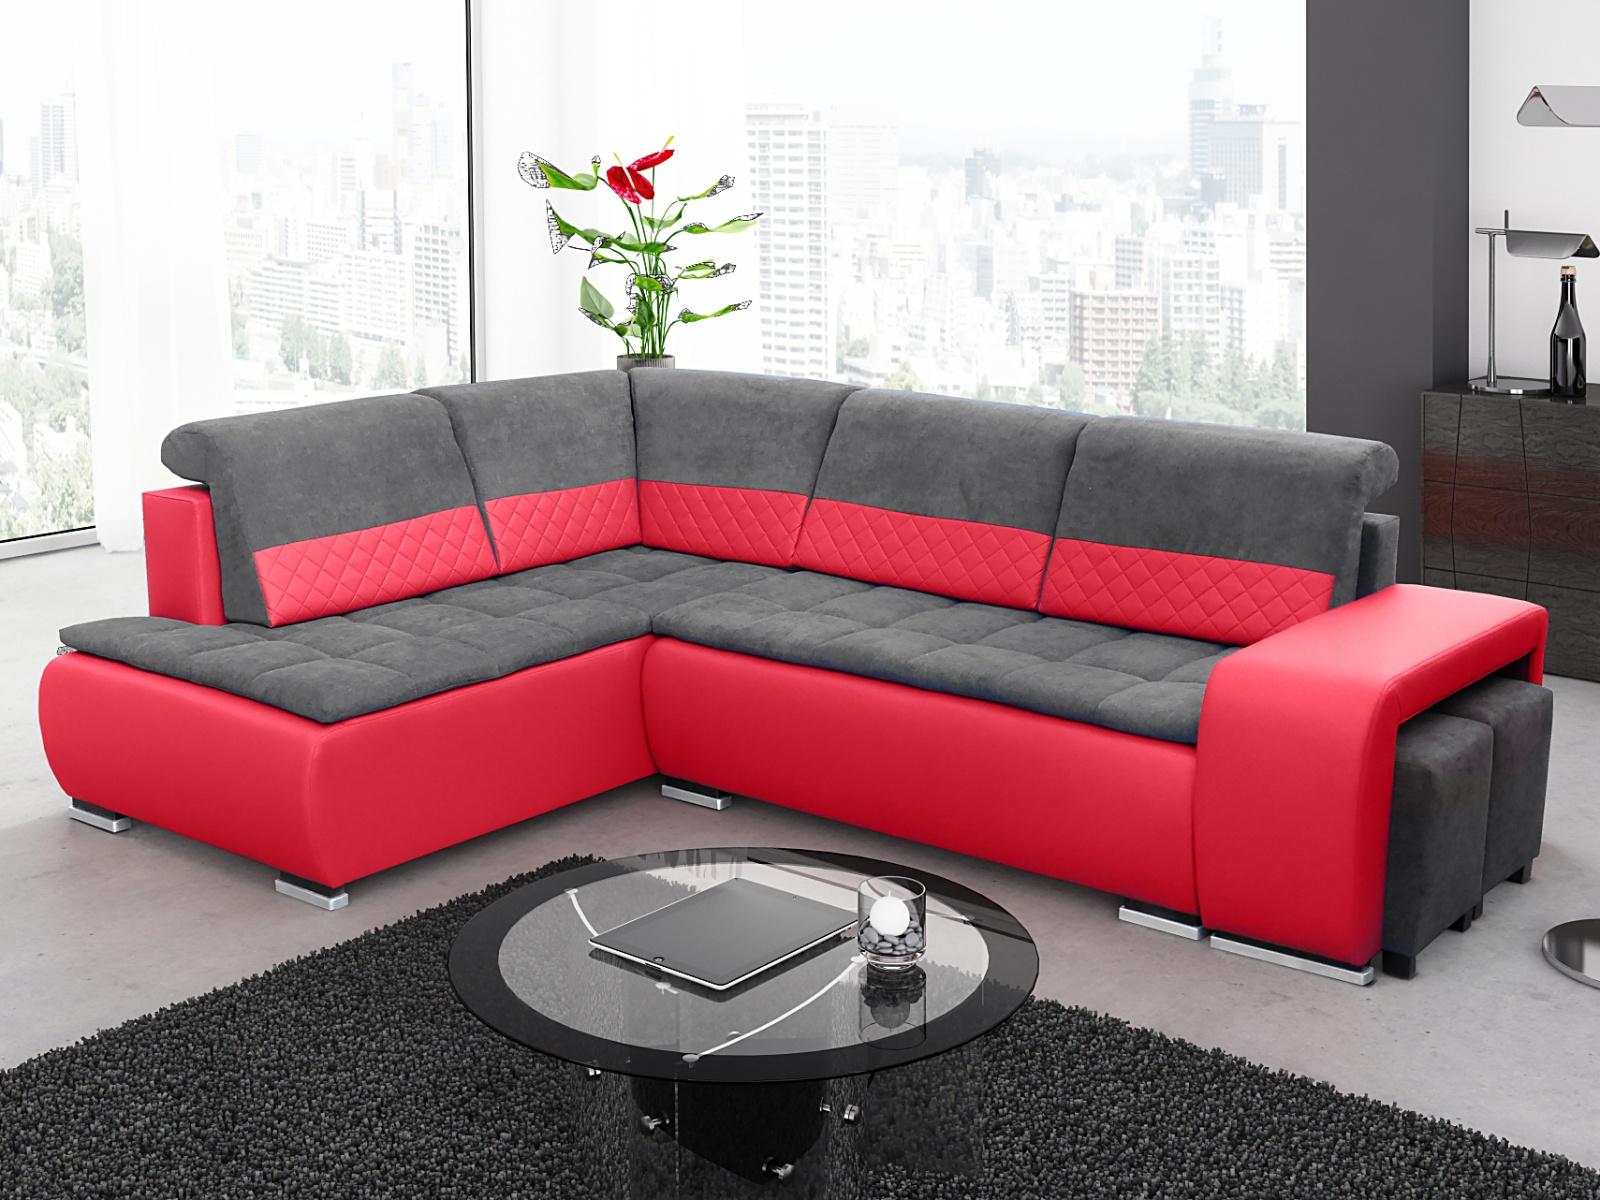 Smartshop Rohová sedačka GRANDER PLUS 1, levá, červená/šedá